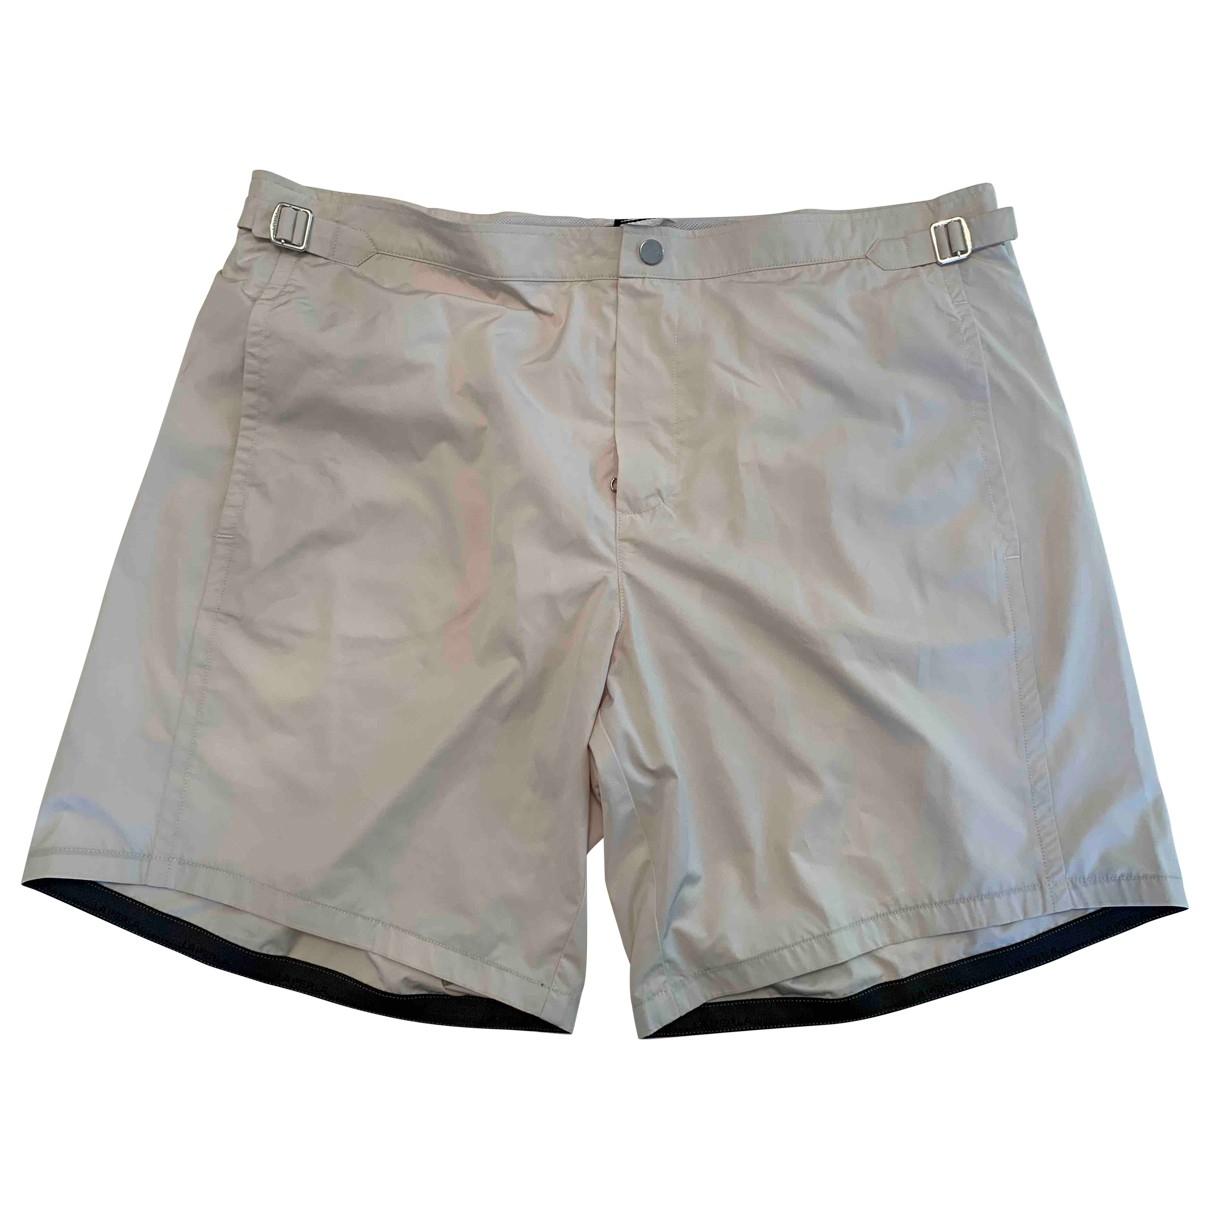 Pantalon corto La Perla